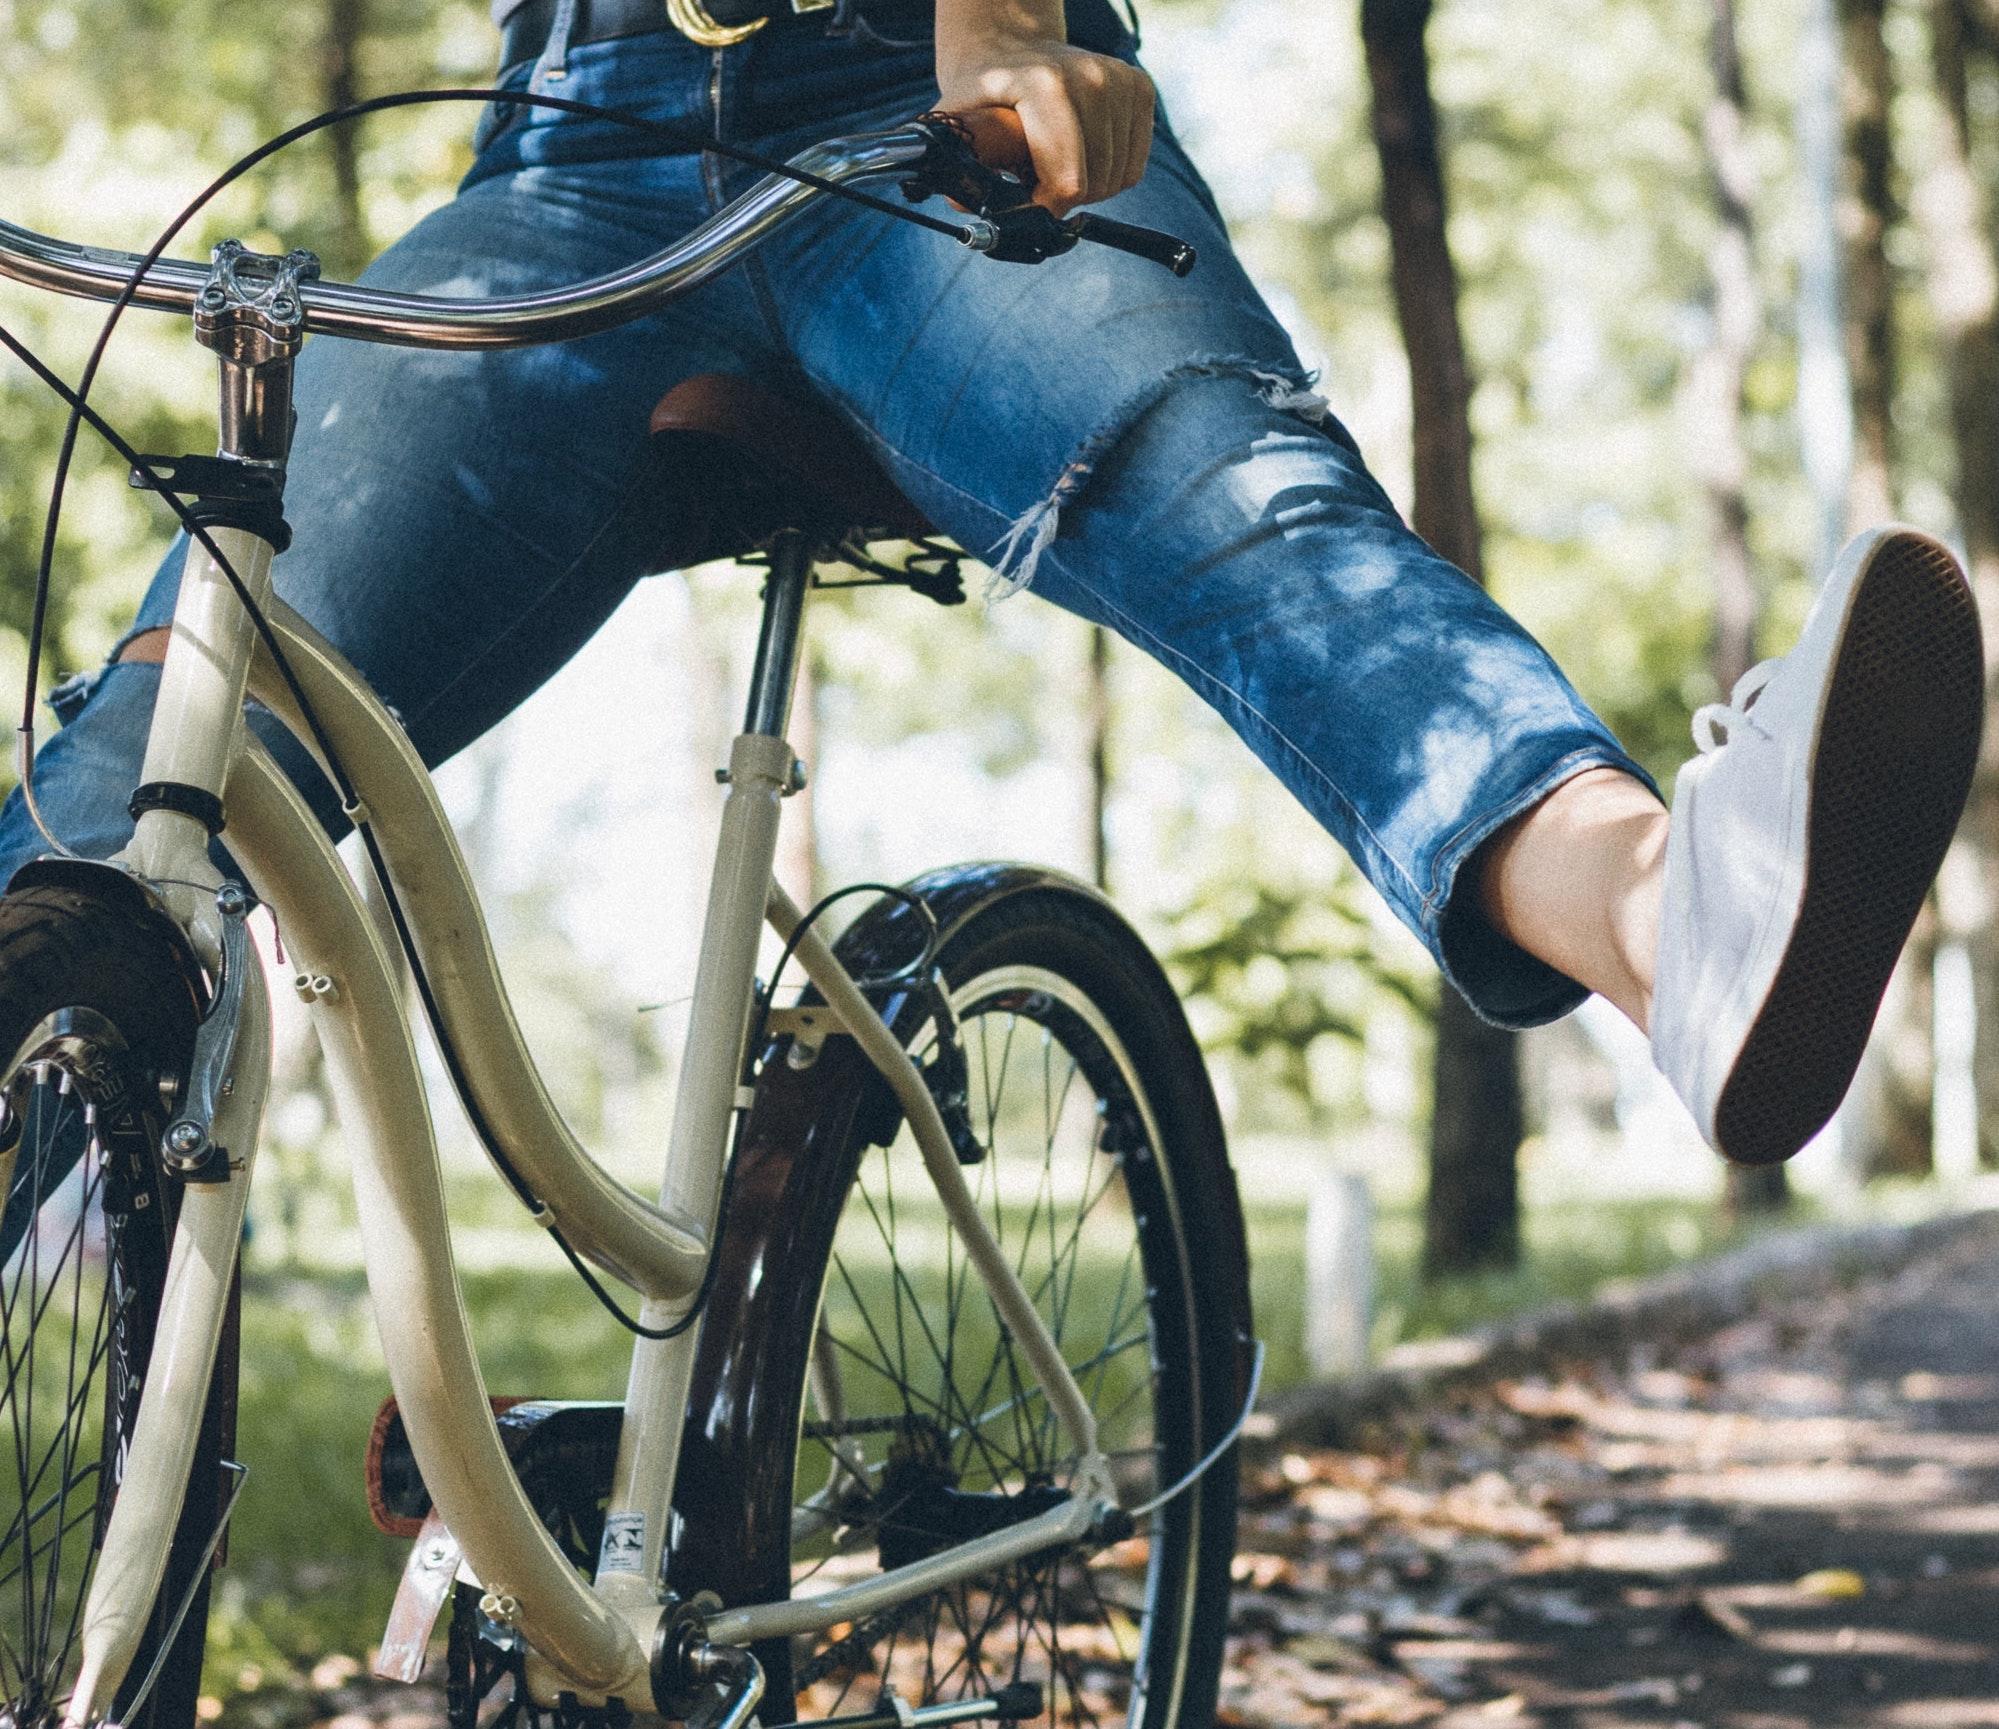 Biking on Trail in Woods